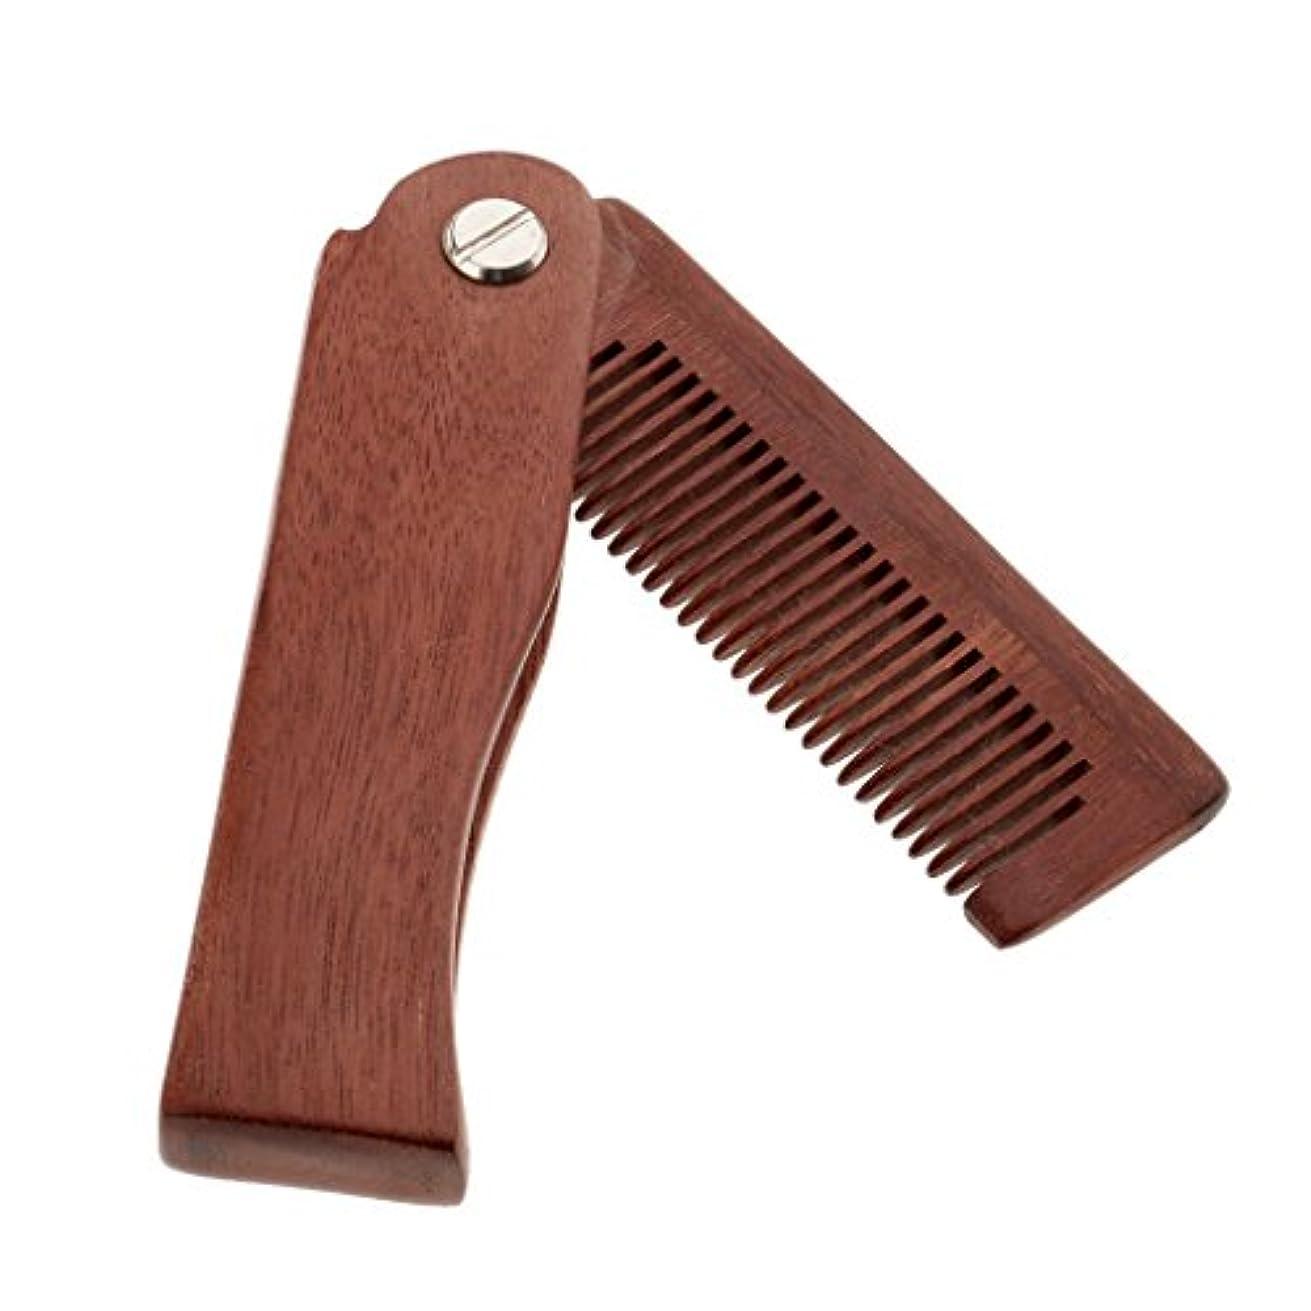 出撃者に付けるケージひげ剃り櫛 コーム 木製櫛 折りたたみ メンズ 毛ひげの櫛